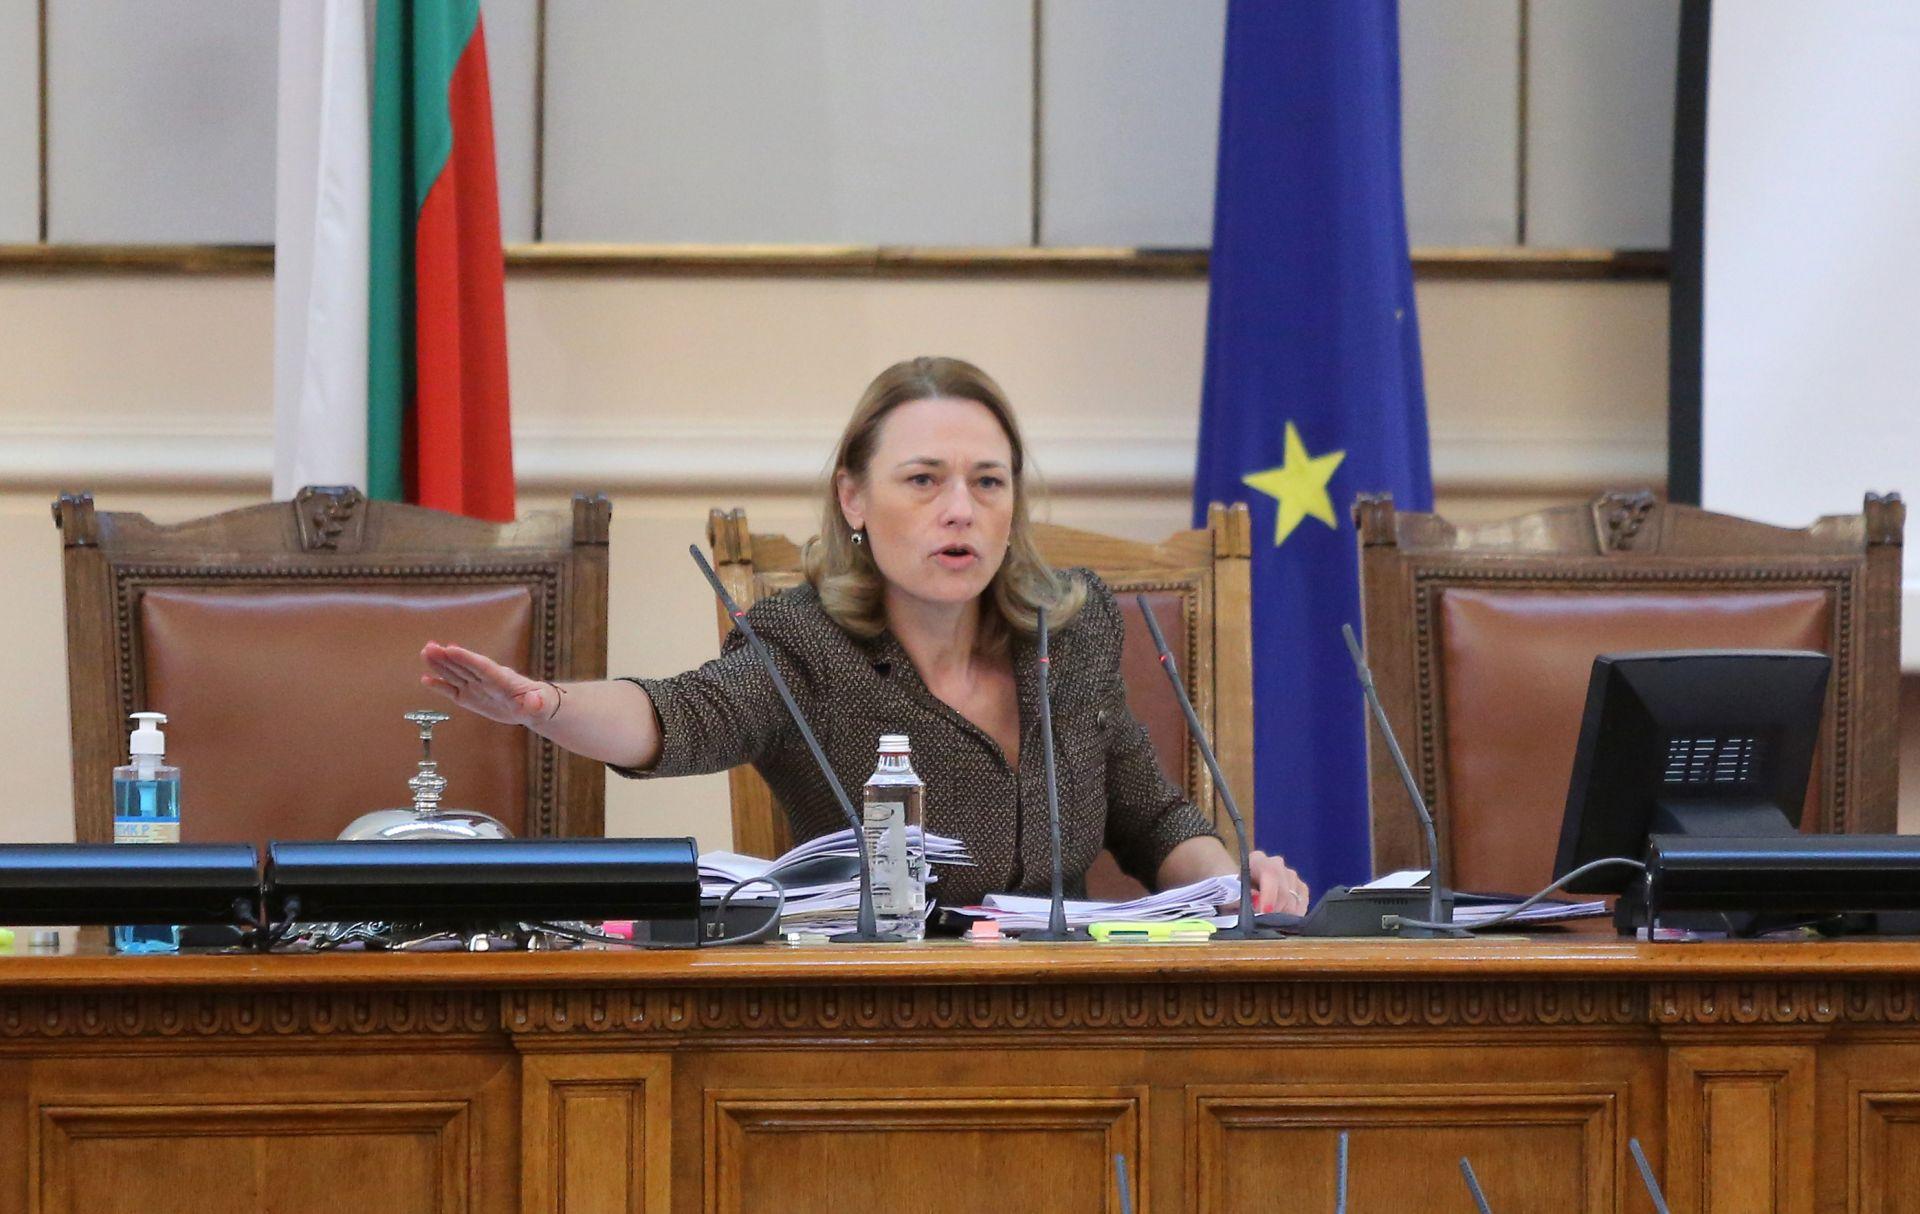 Председателят на парламента неуспешно се опита да поведе заседанието на депутатите по заложения дневен ред. И след близо 30 минути караници успя